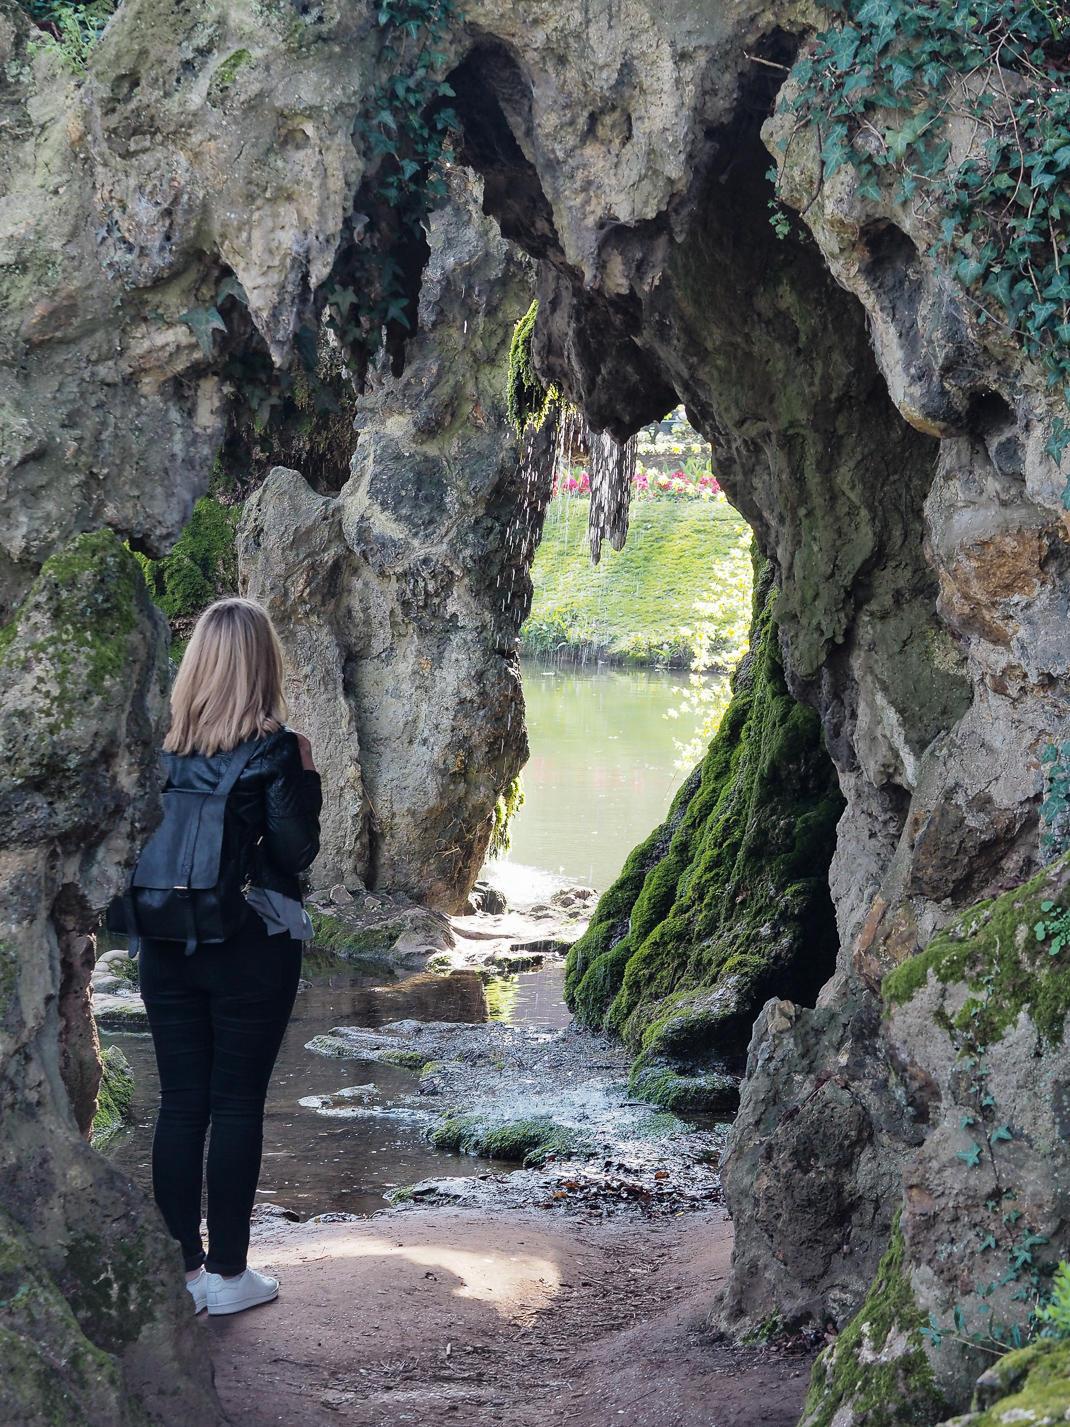 jardin vaubin, grotto in lille